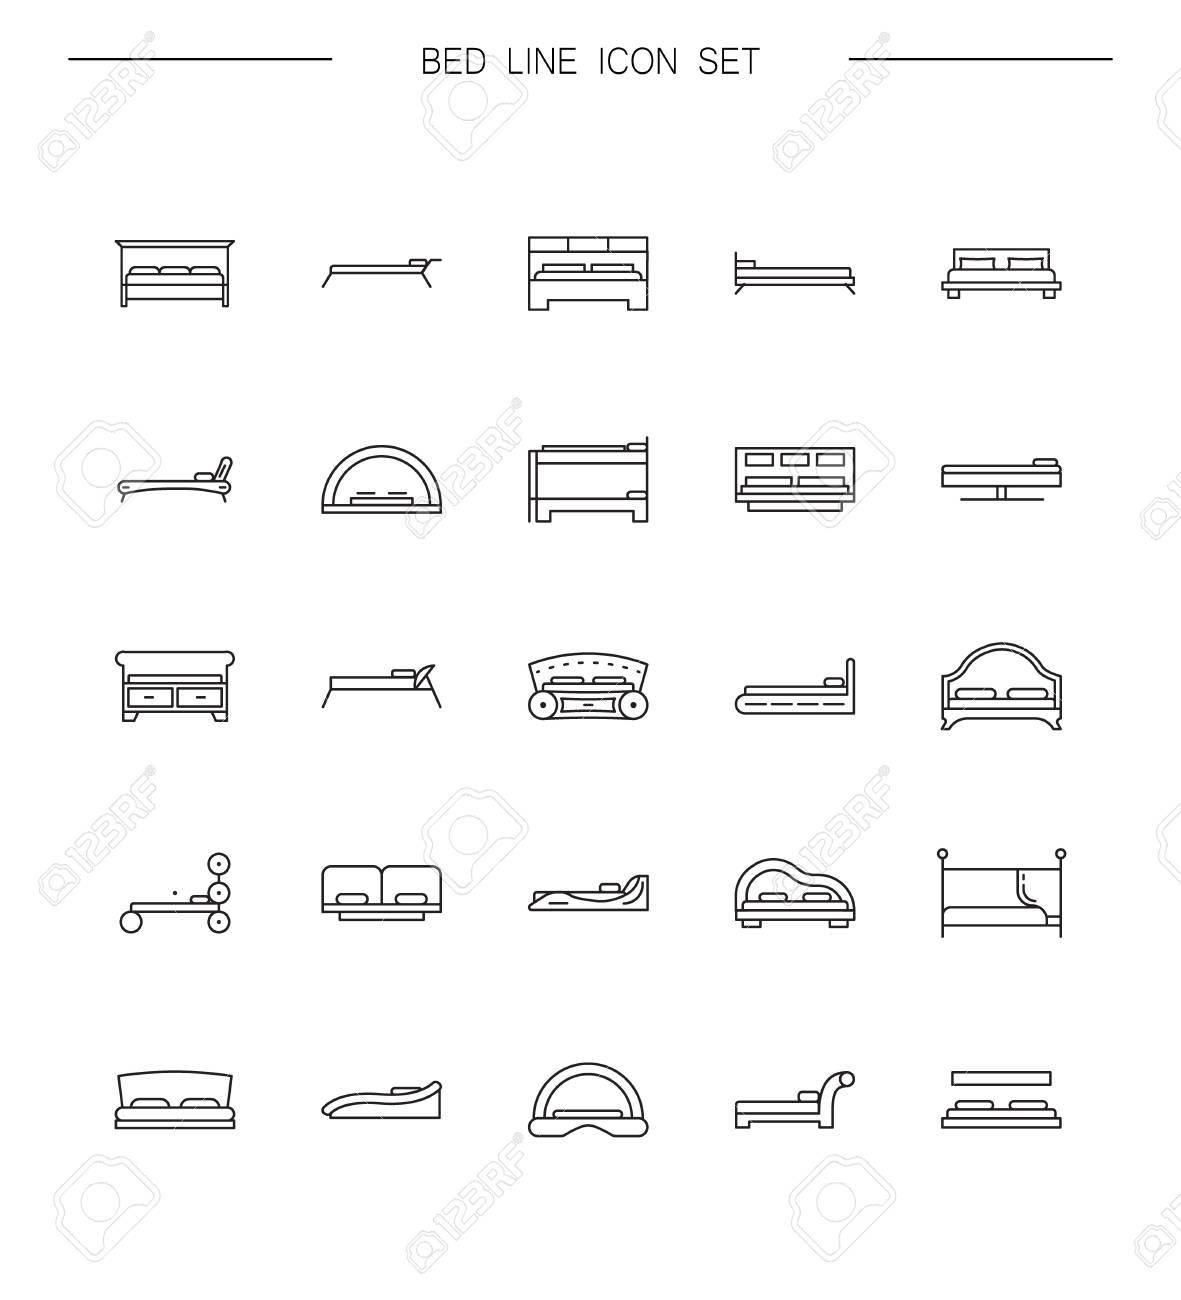 Sito Per Progettare Casa set letti linea di icona. raccolta dei pittogrammi di alta qualità dei  mobili di casa. outline simboli vettoriali per progettazione di siti web o  app